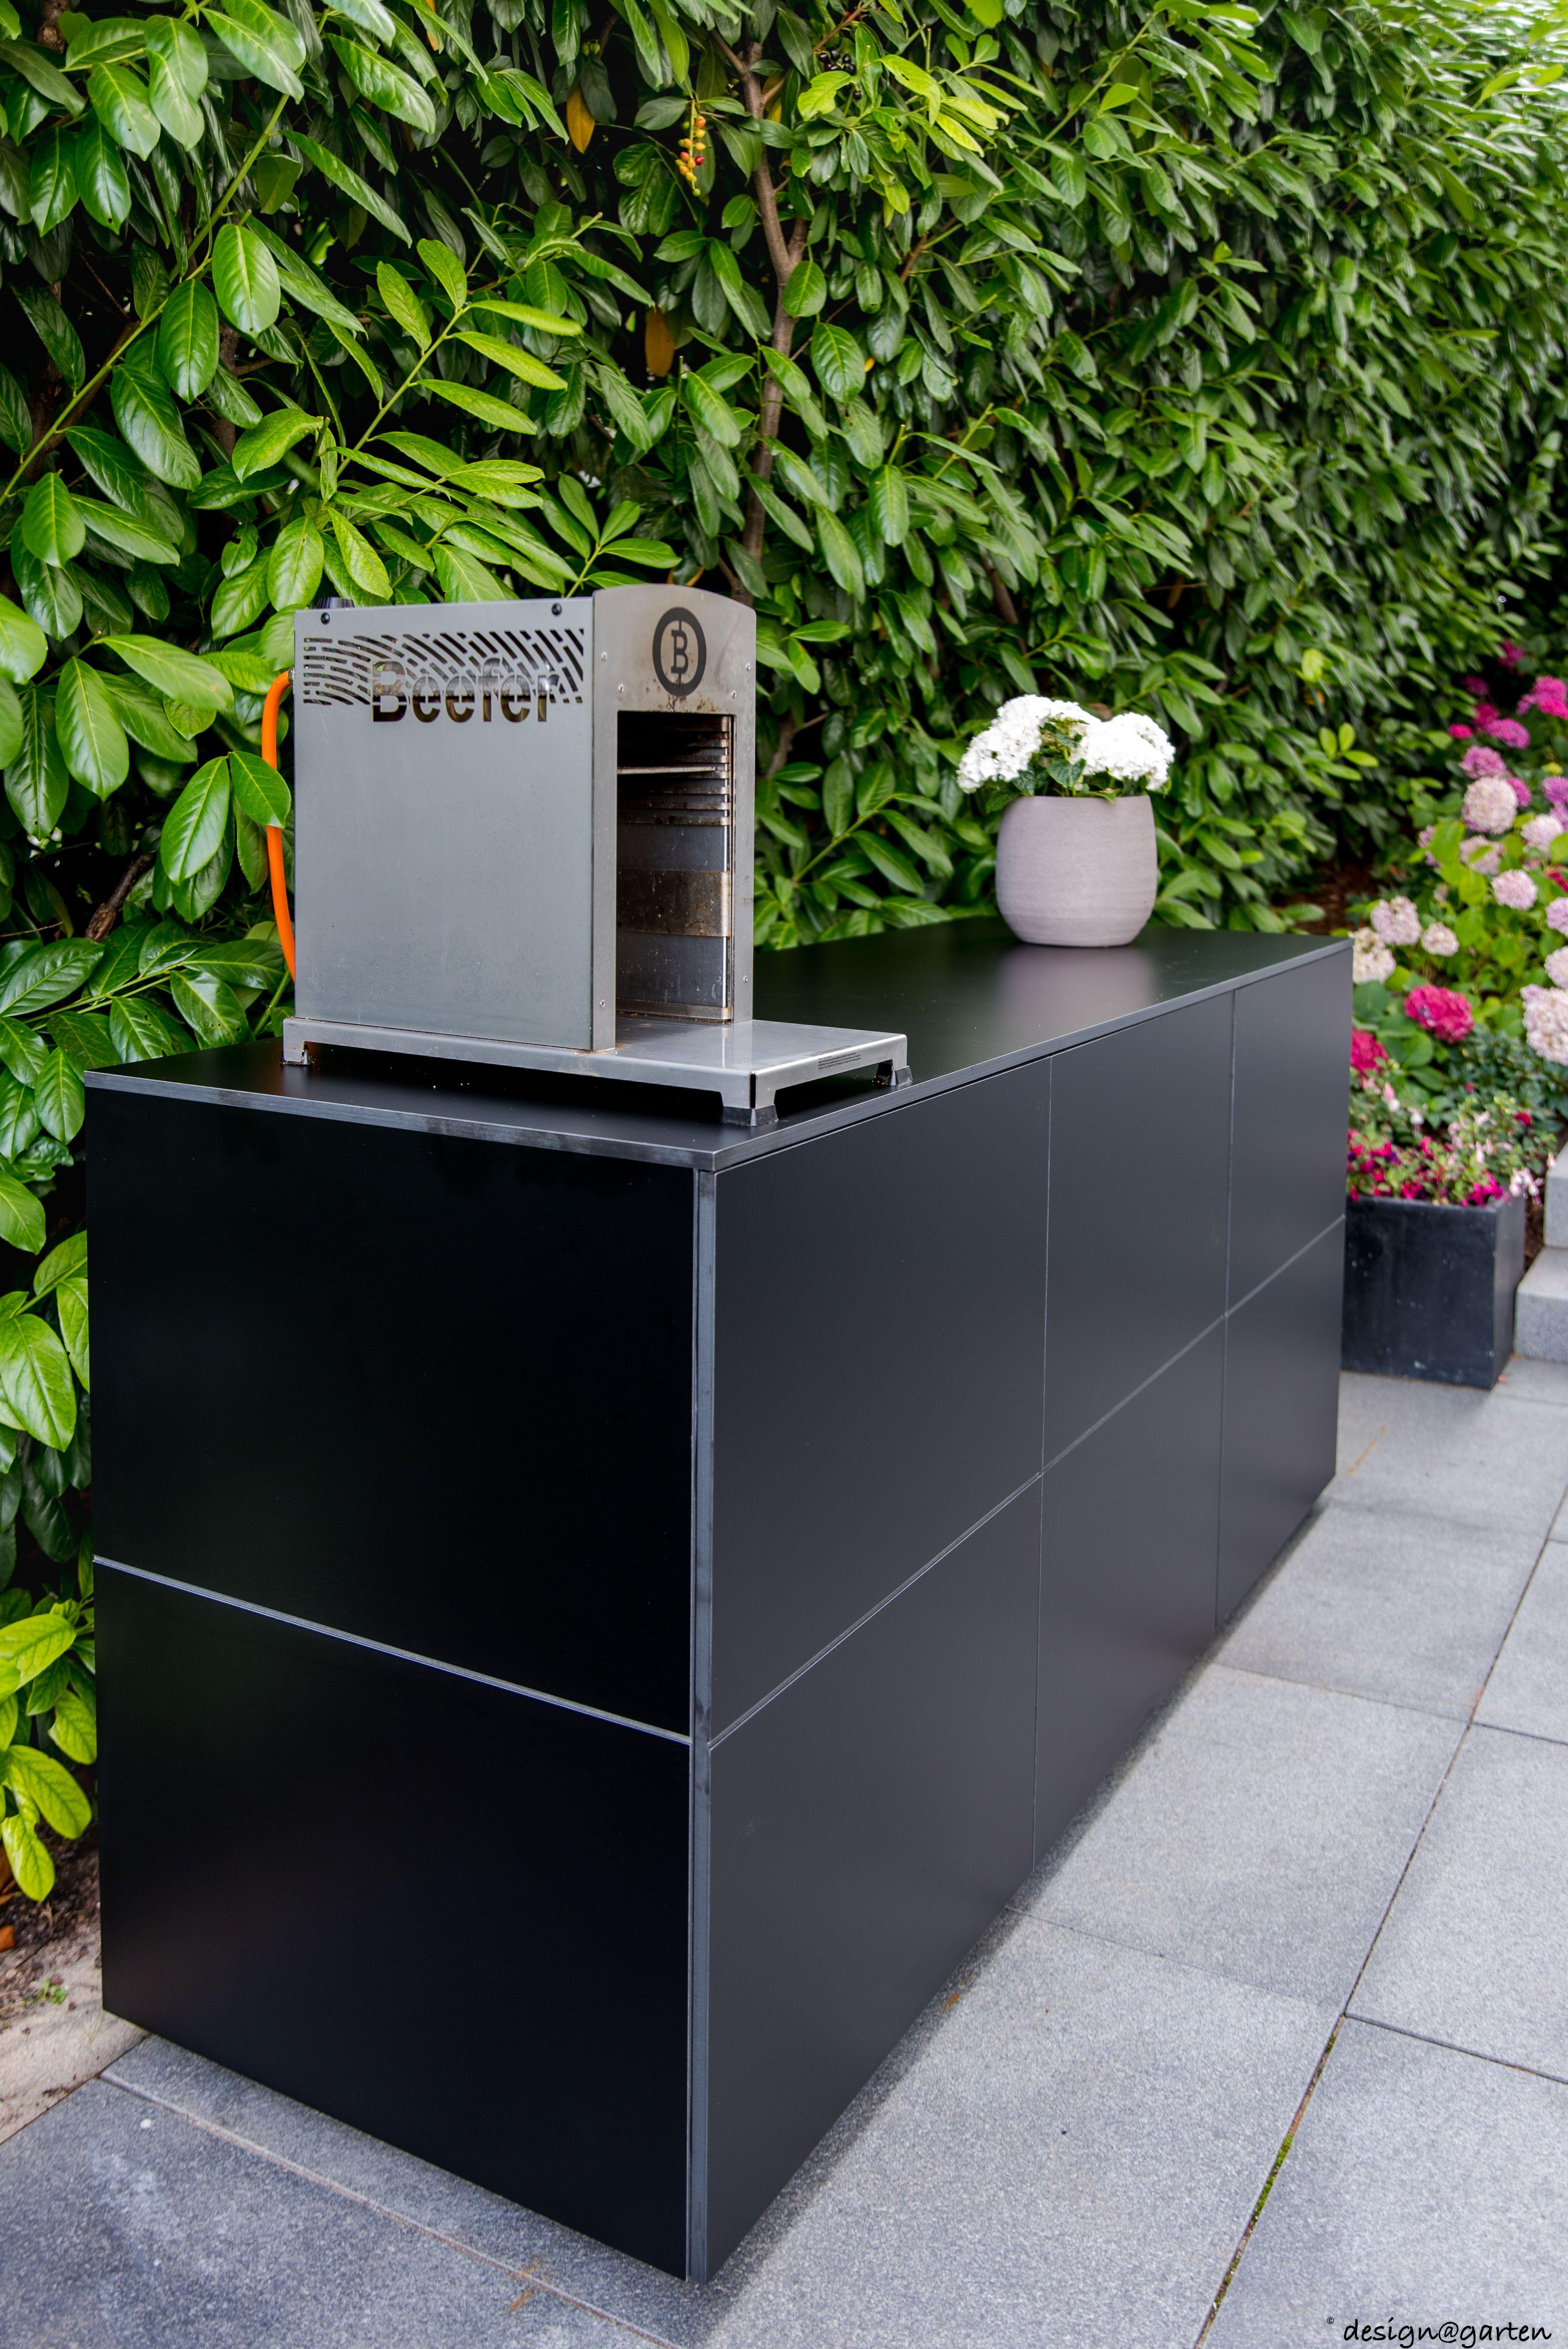 Balkonschrank Terrassenschrank Beeferschrank Win By Design Garten Augsburg Farbe Black Wetterfest Uv Bestand Gartenschrank Sideboard Balkonschrank